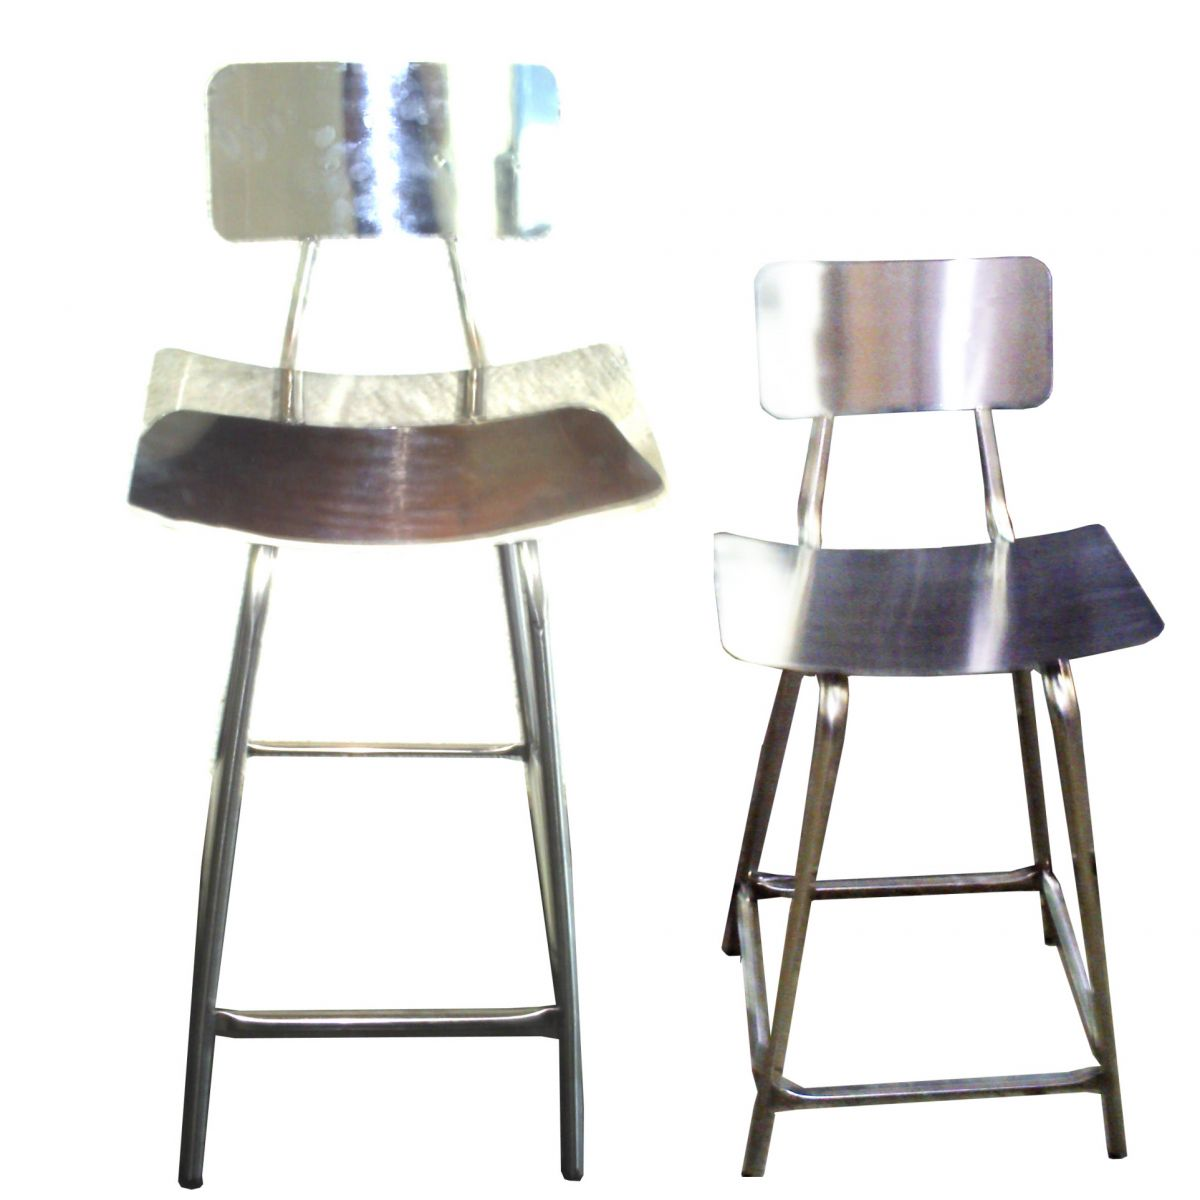 Cadeira fixa com encosto em aço inox  - Fábrica de Carrinhos em Aço Inoxidável